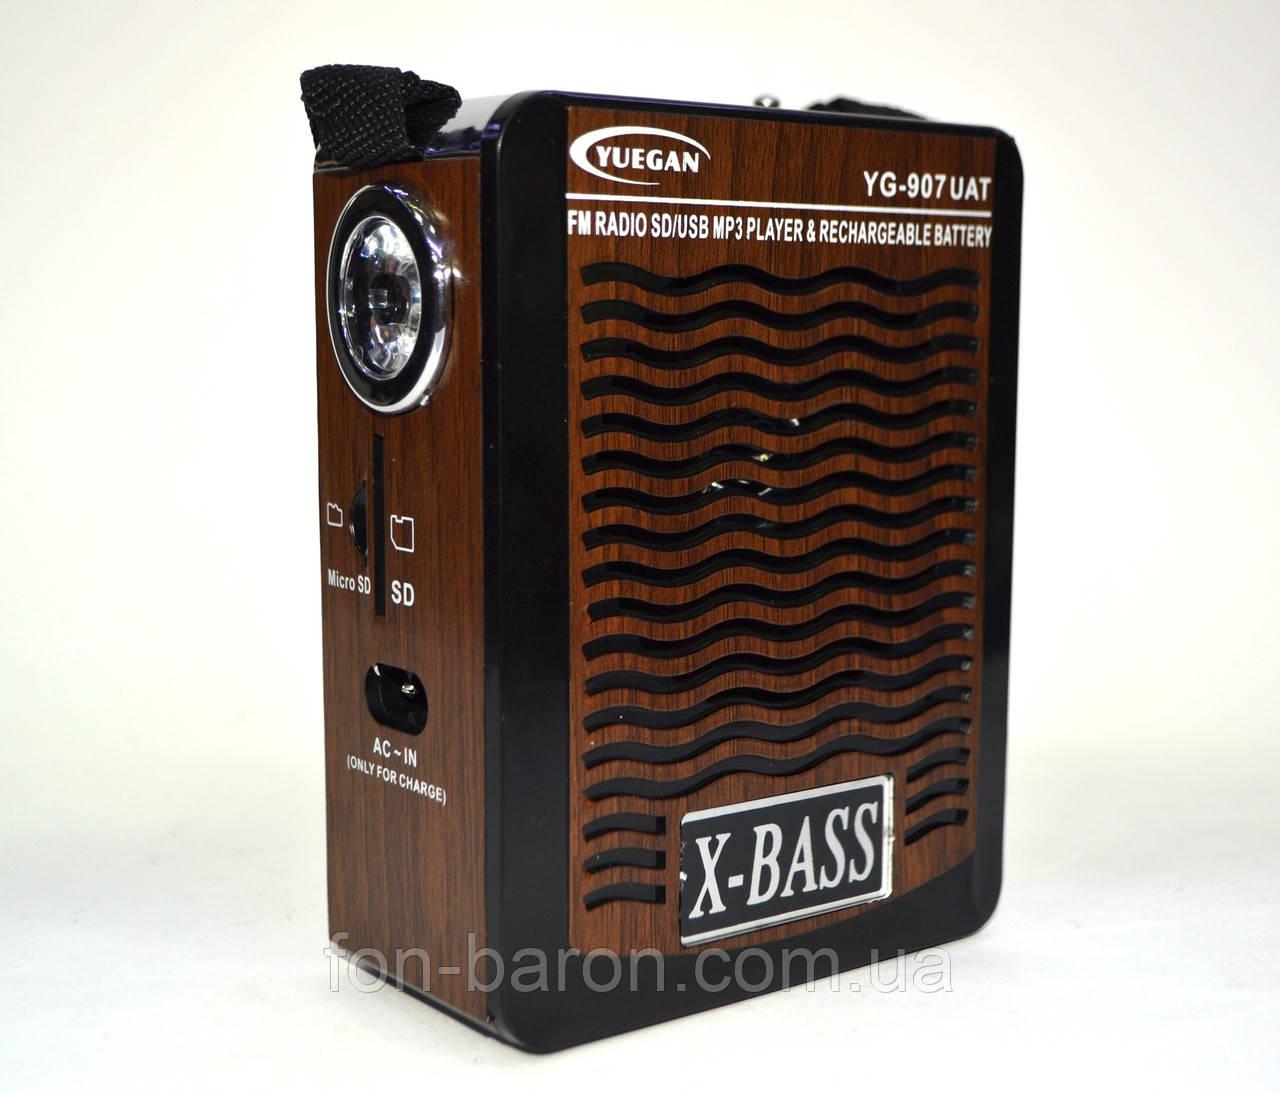 Радиоприемник YUEGAN YG - 907 UAТ, фото 1